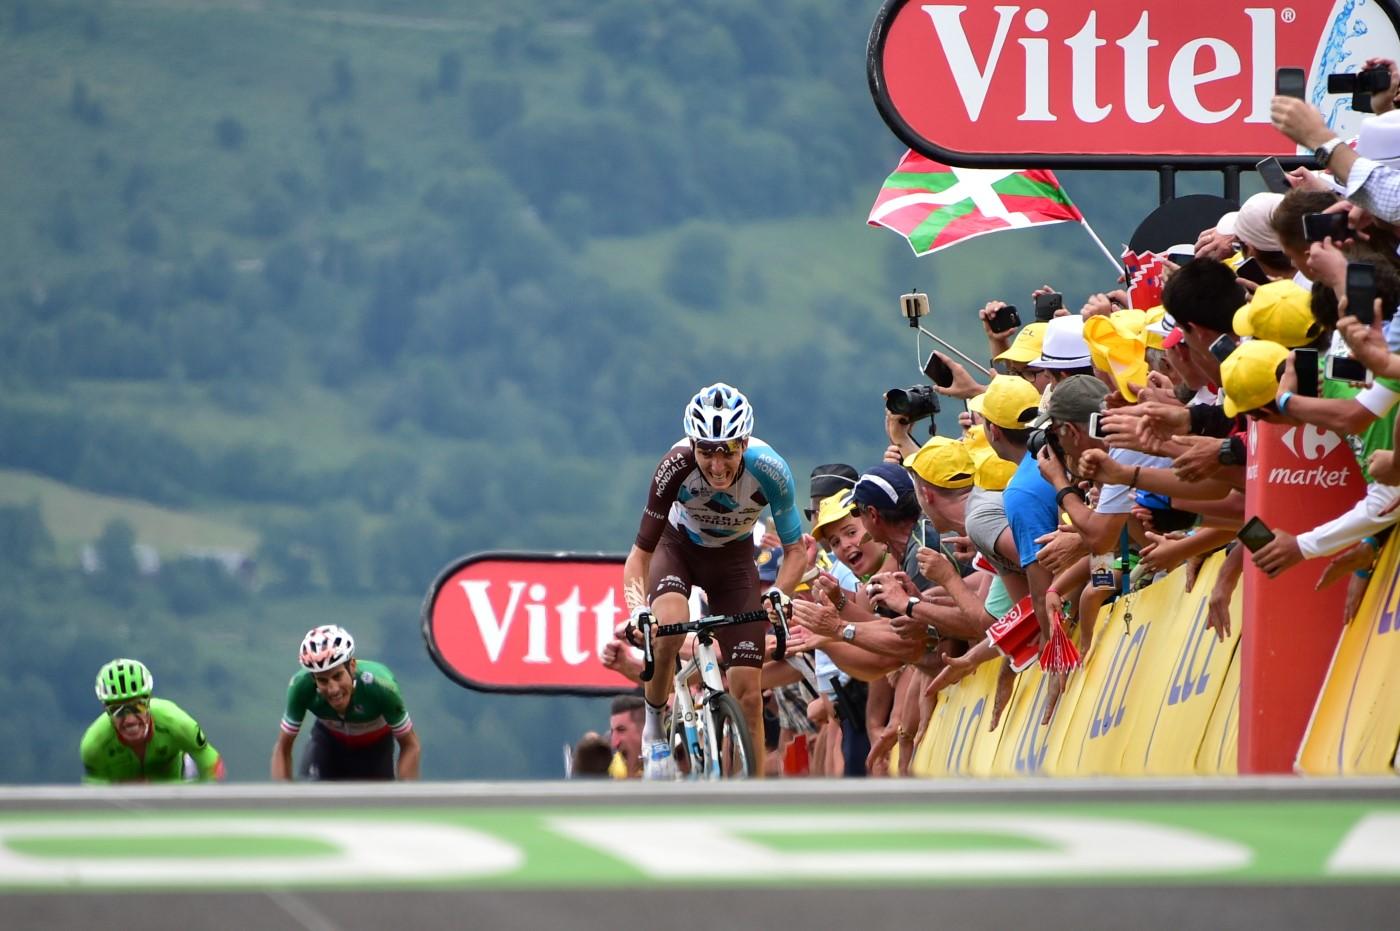 Tour de France 2017 - 13/07/2017 - Etape 12 - Pau / Peyragudes (214;5 km) - France - Romain BARDET (AG2R LA MONDIALE) - Victorieux a Peyragudes